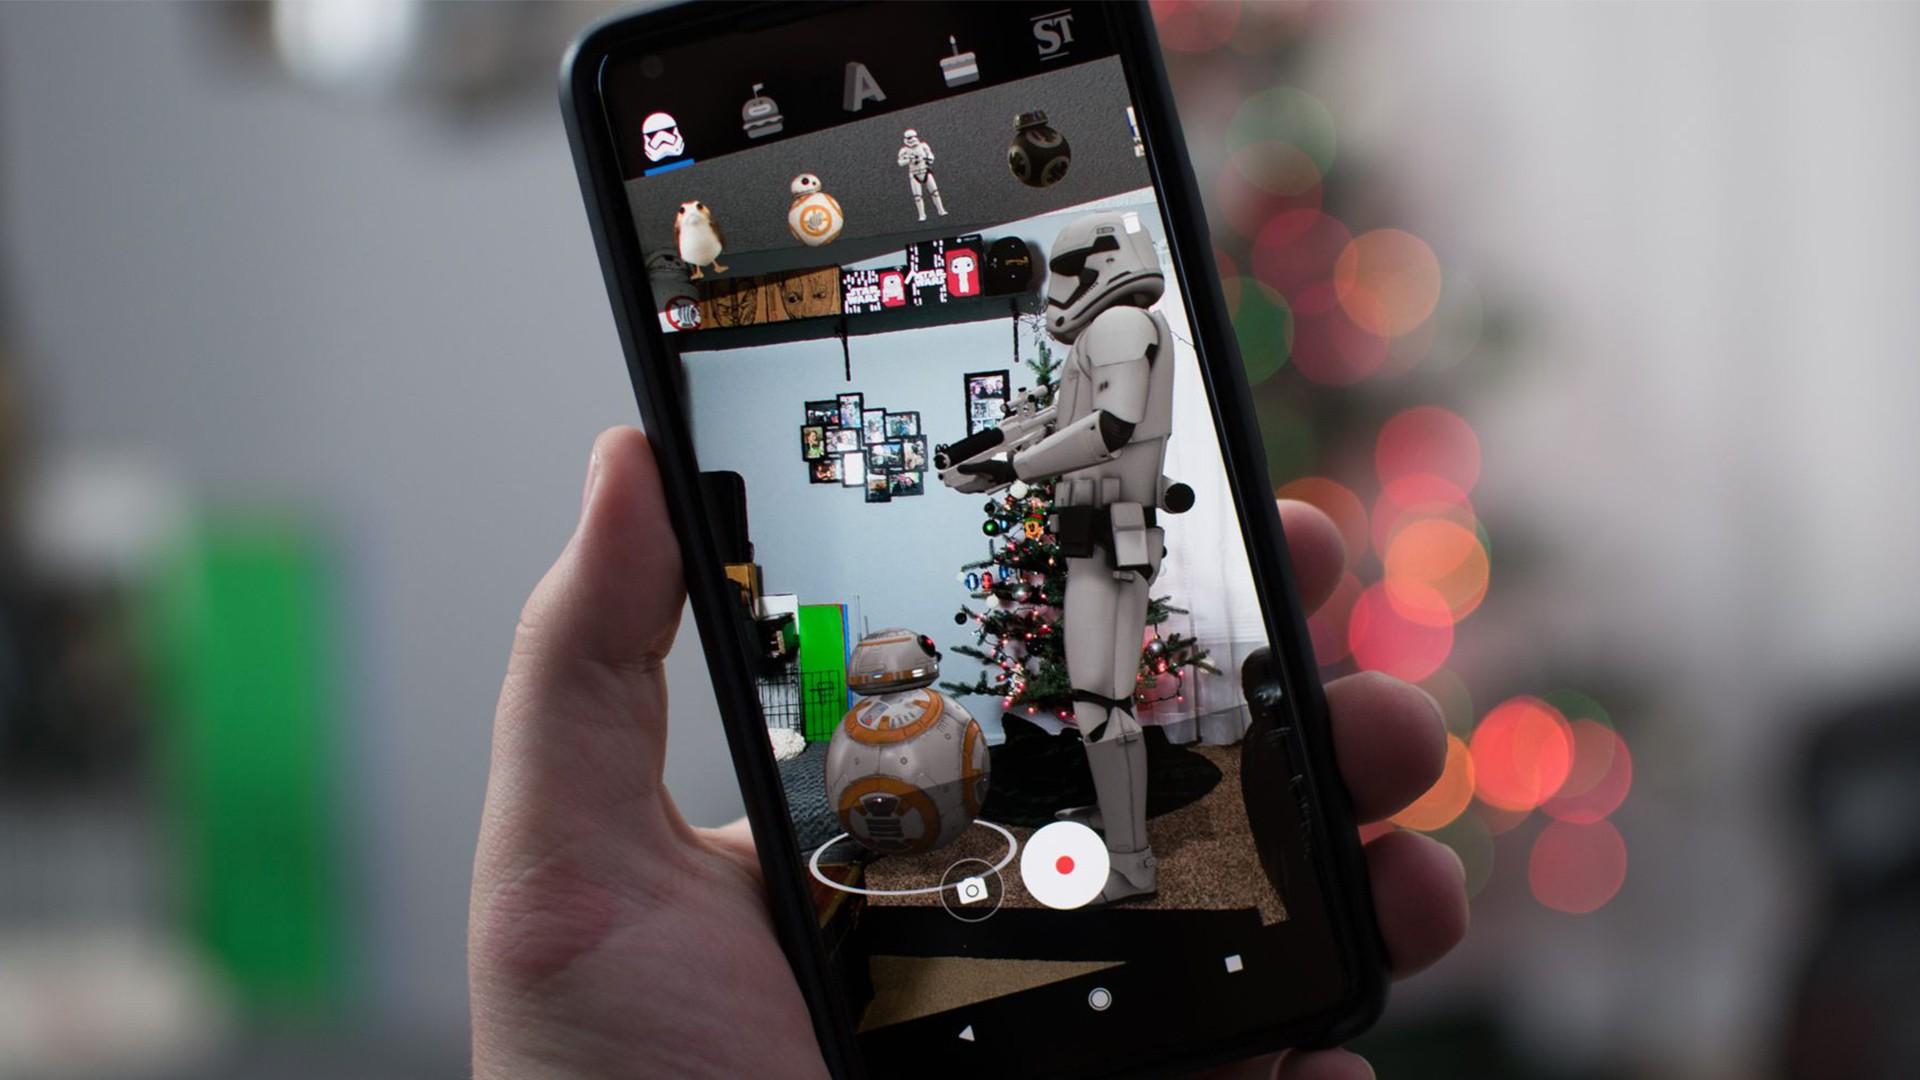 AR-стикеры от Google стали доступны для смартфонов с поддержкой ARCore